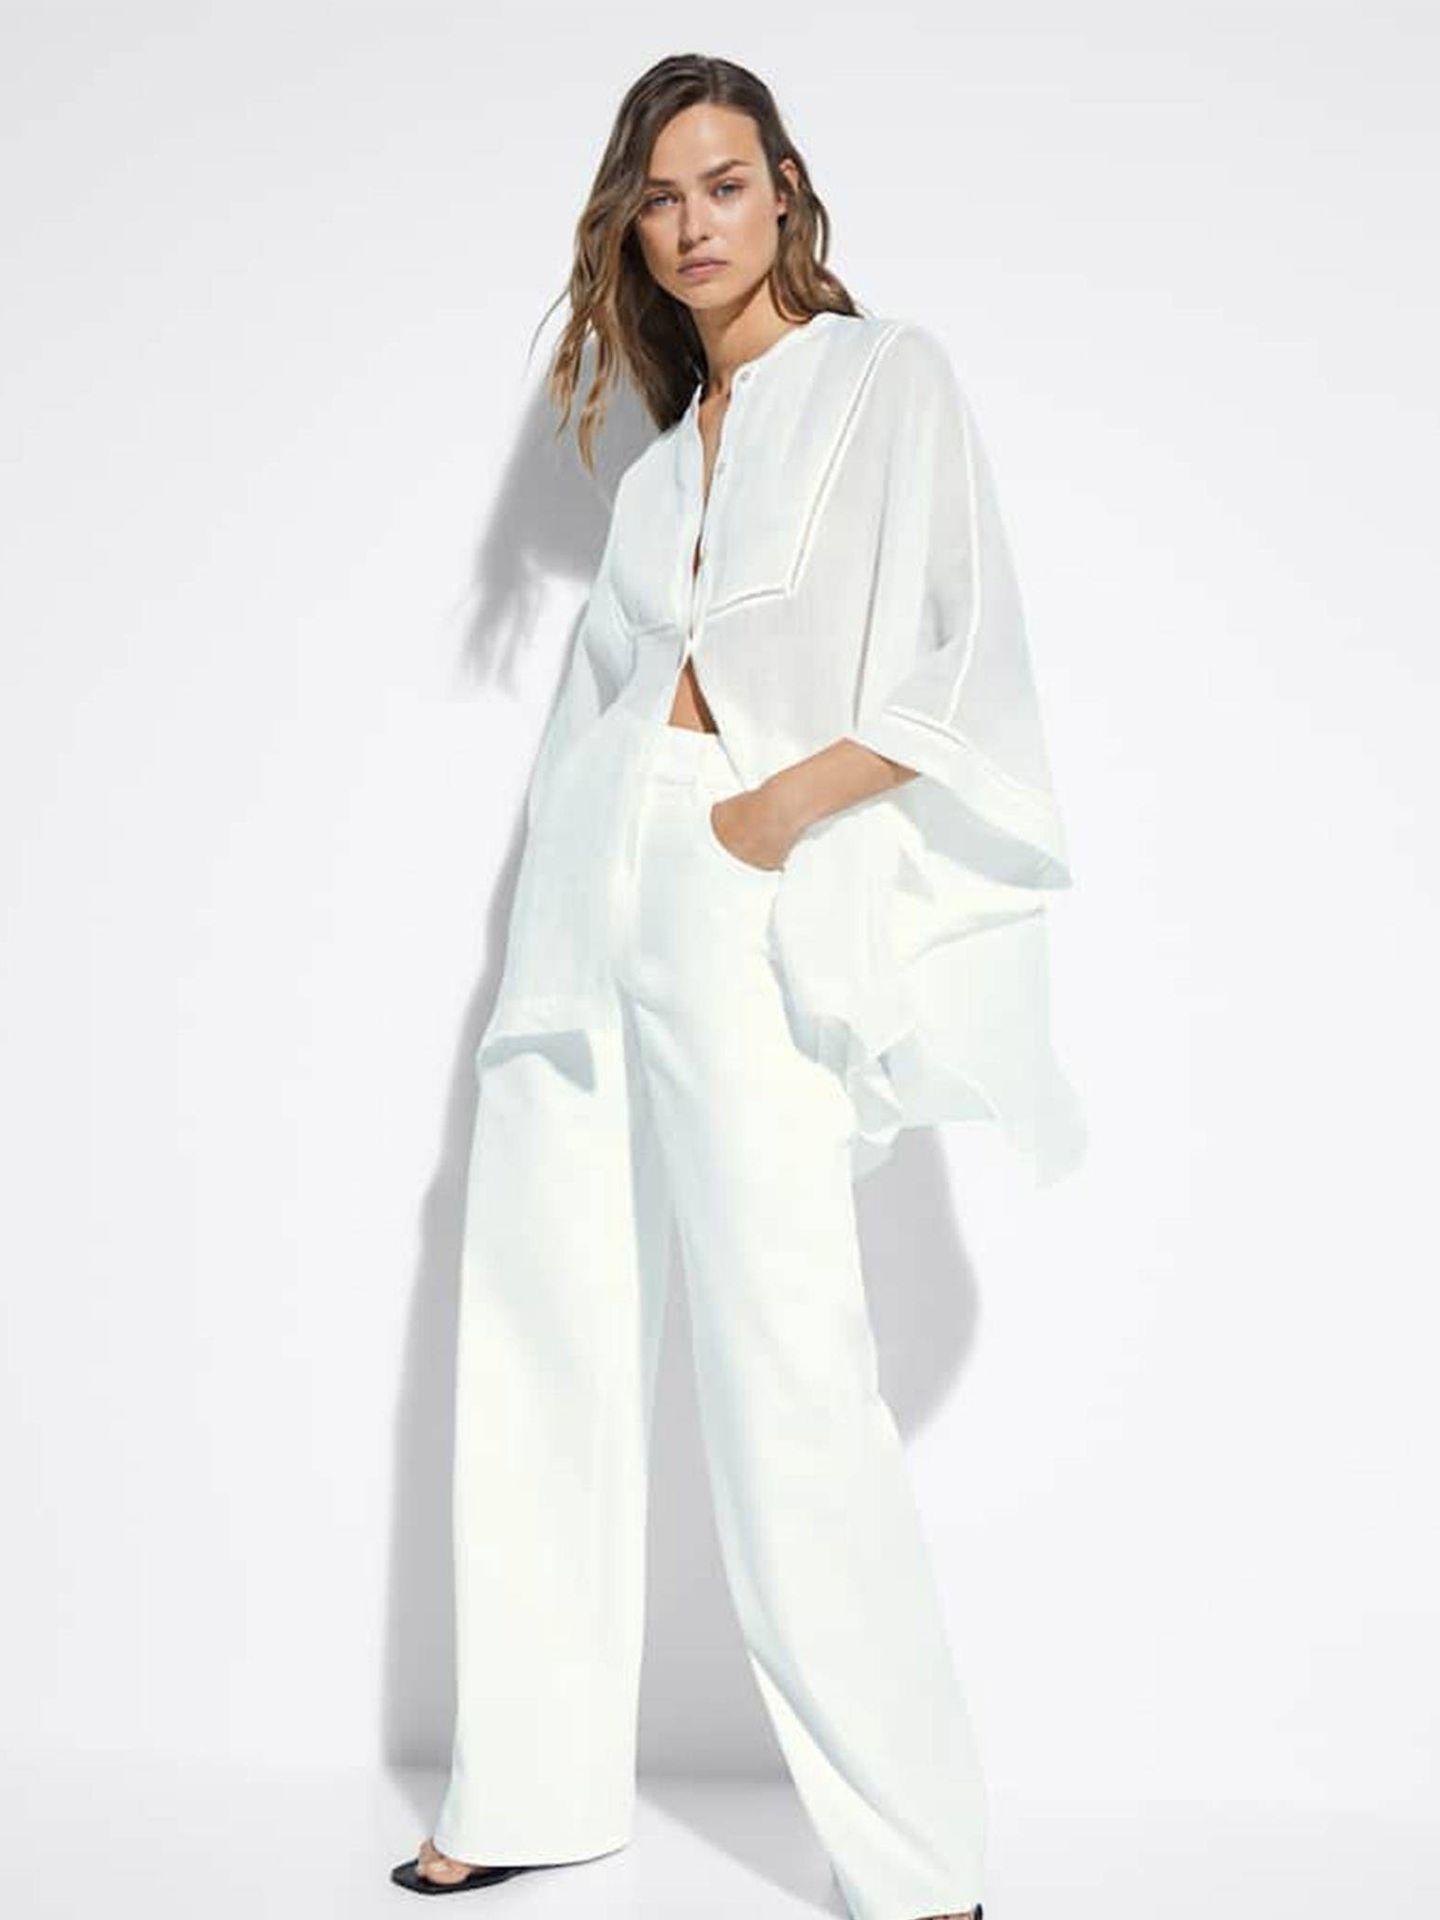 Pantalón blanco de Massimo Dutti. (Cortesía)